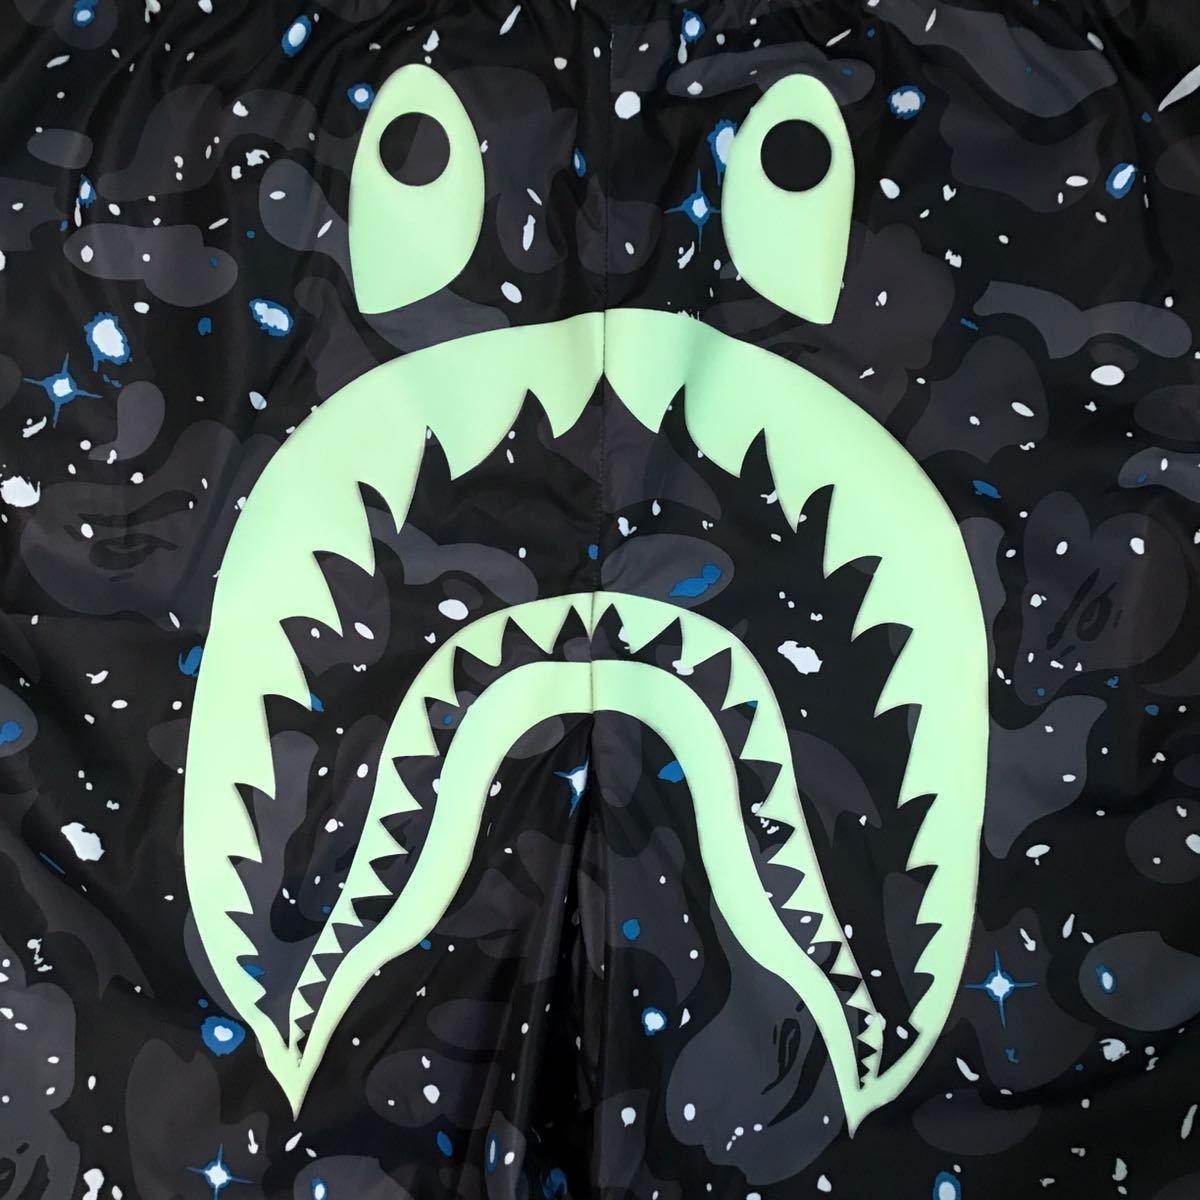 ★蓄光★ space camo シャーク ハーフパンツ XLサイズ a bathing ape BAPE shark swim shorts ショーツ エイプ ベイプ beach pants 85j8